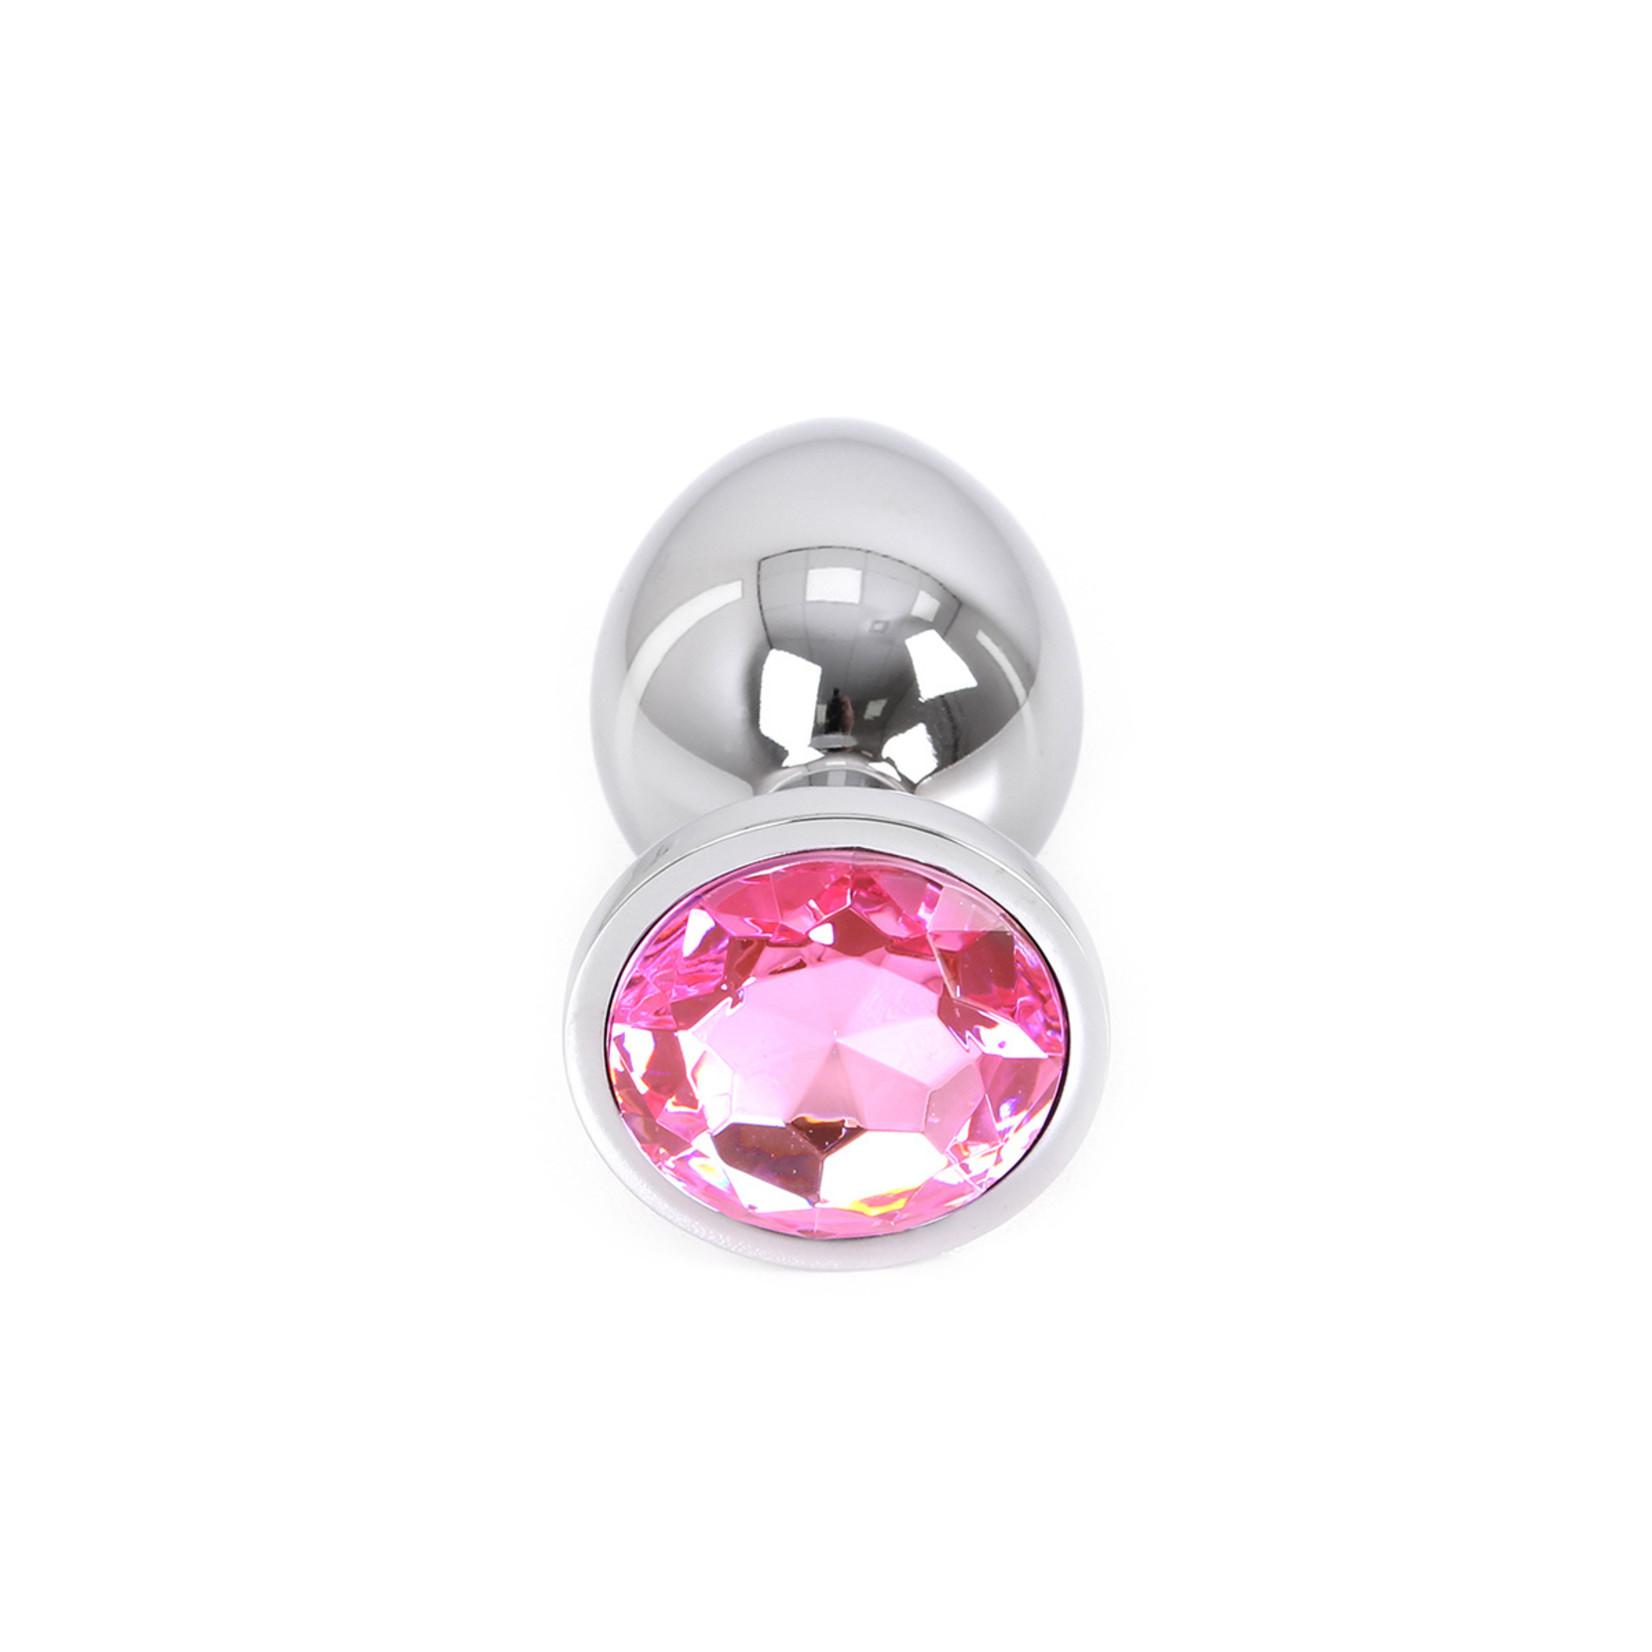 KIOTOS Butt plug aluminium Large Pink